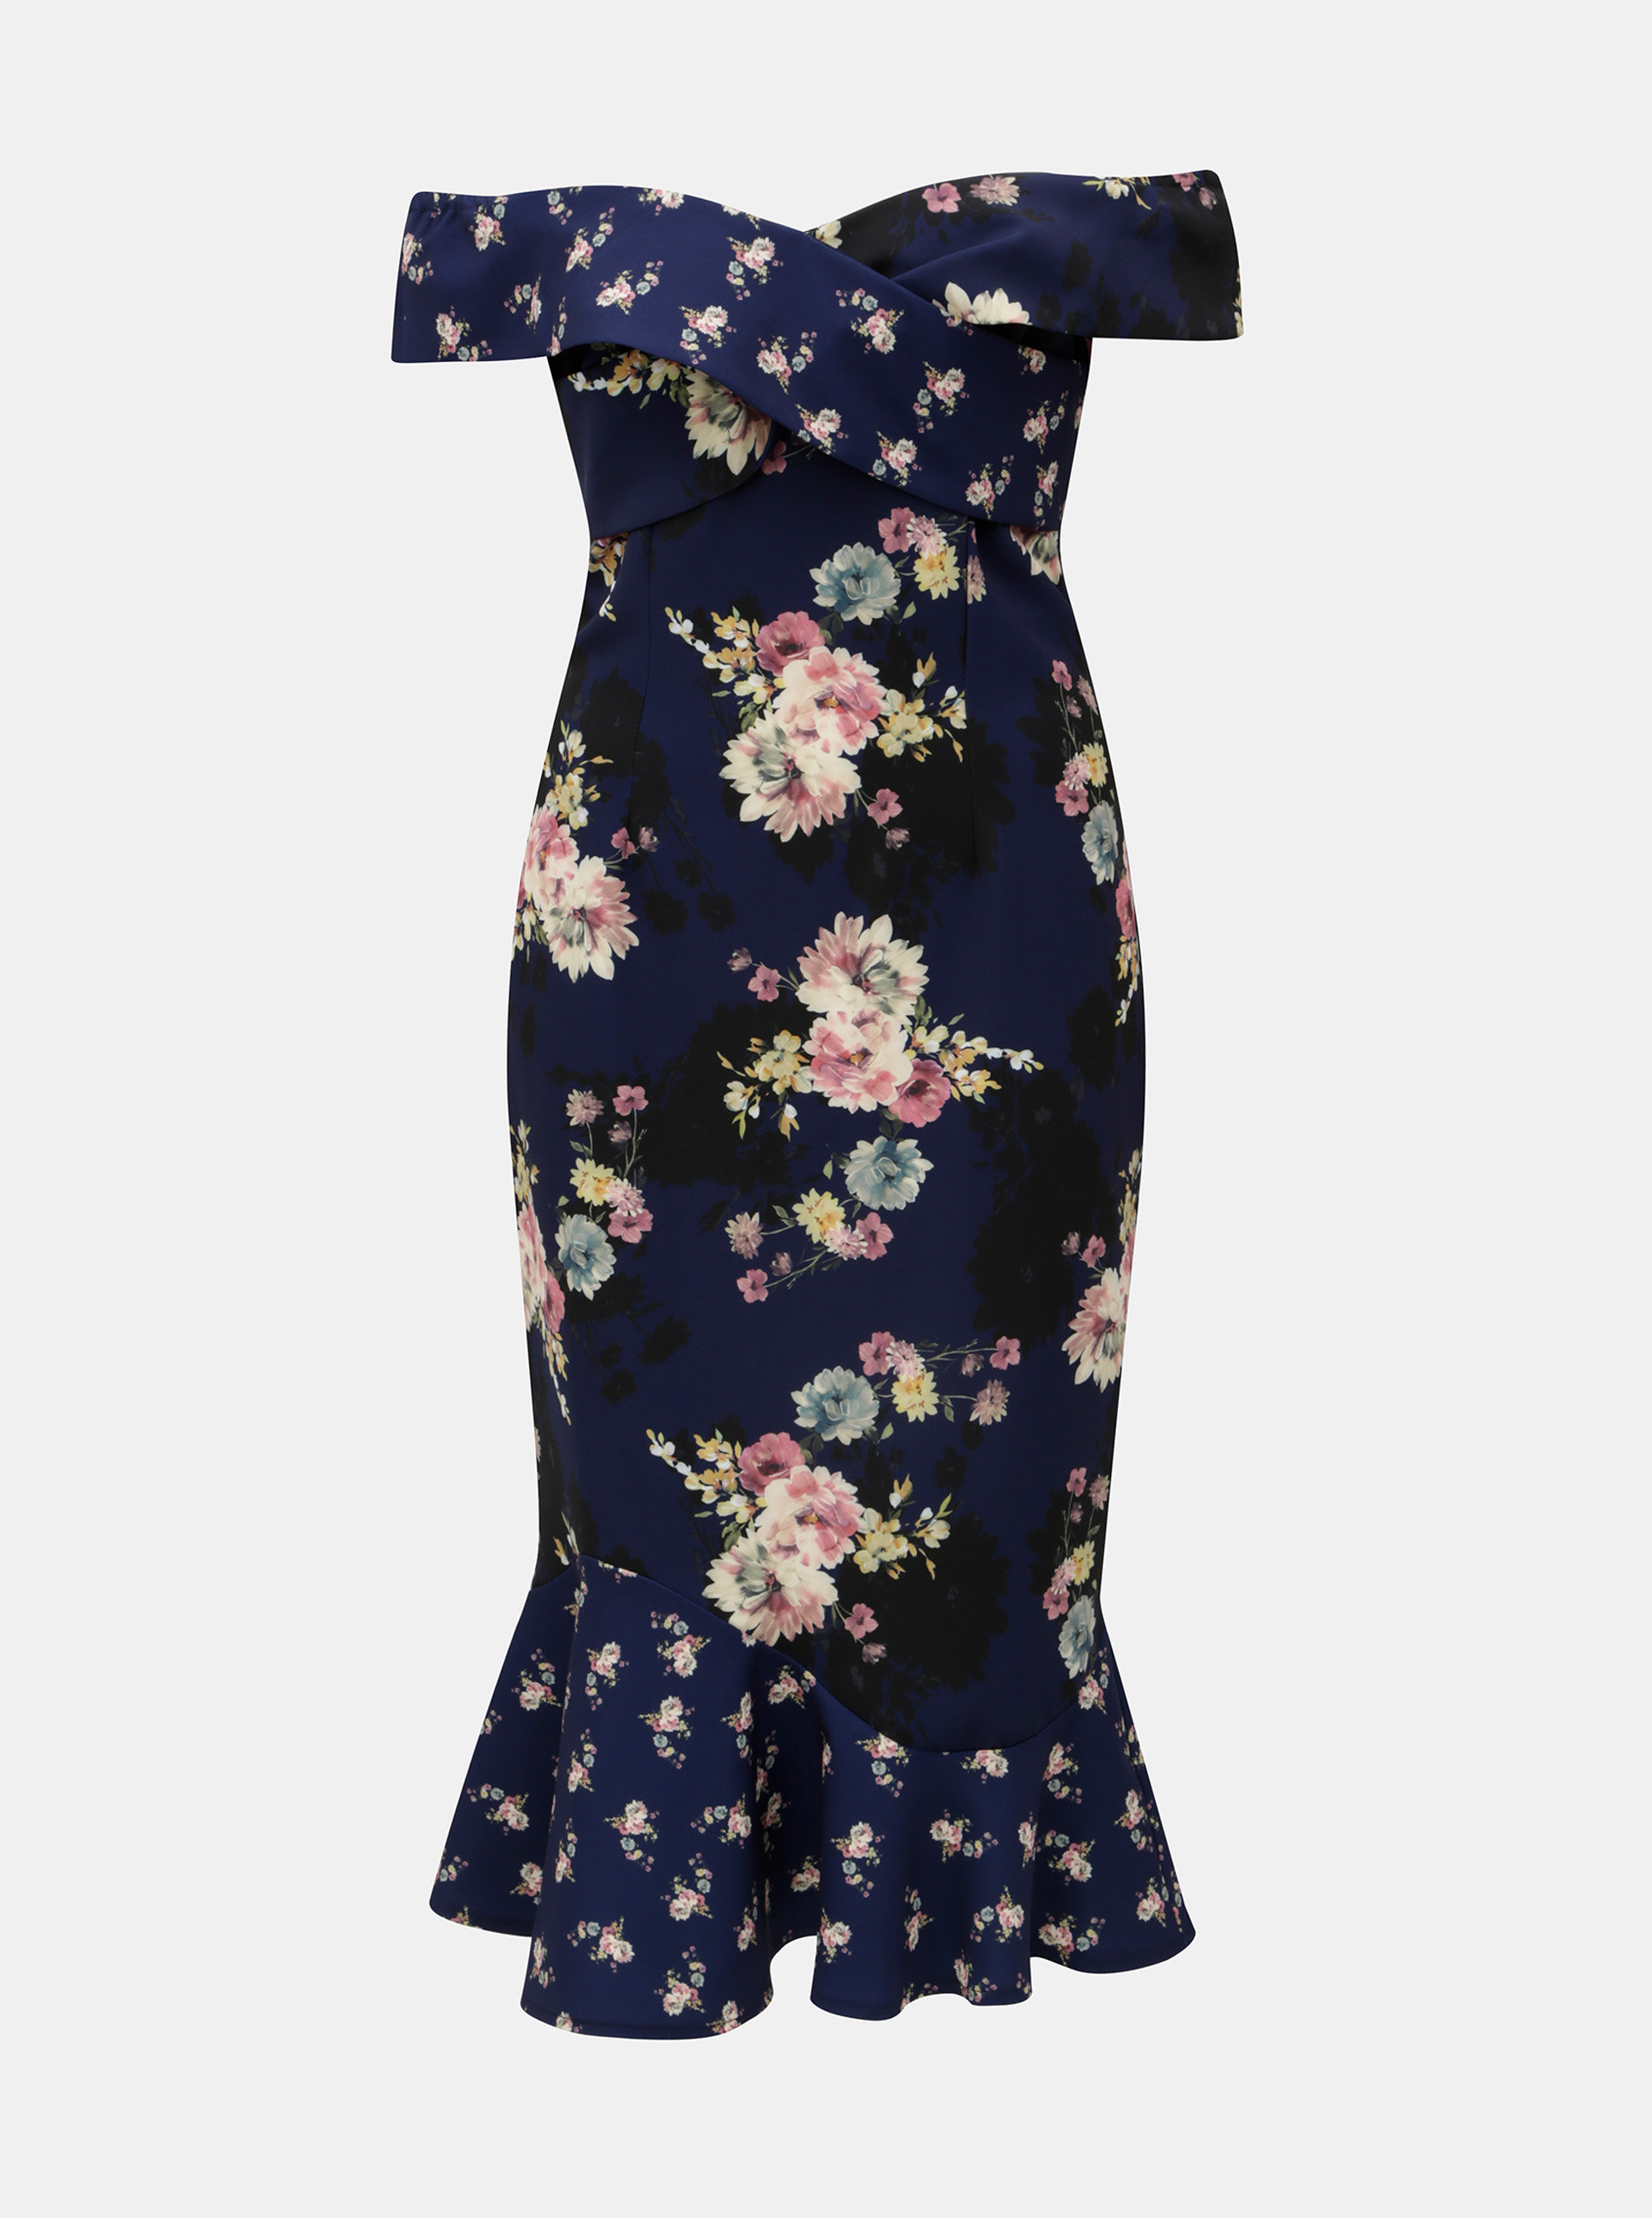 Tmavomodré vzorované šaty s odhalenými ramenami Little Mistress ... 7ab04dd176f